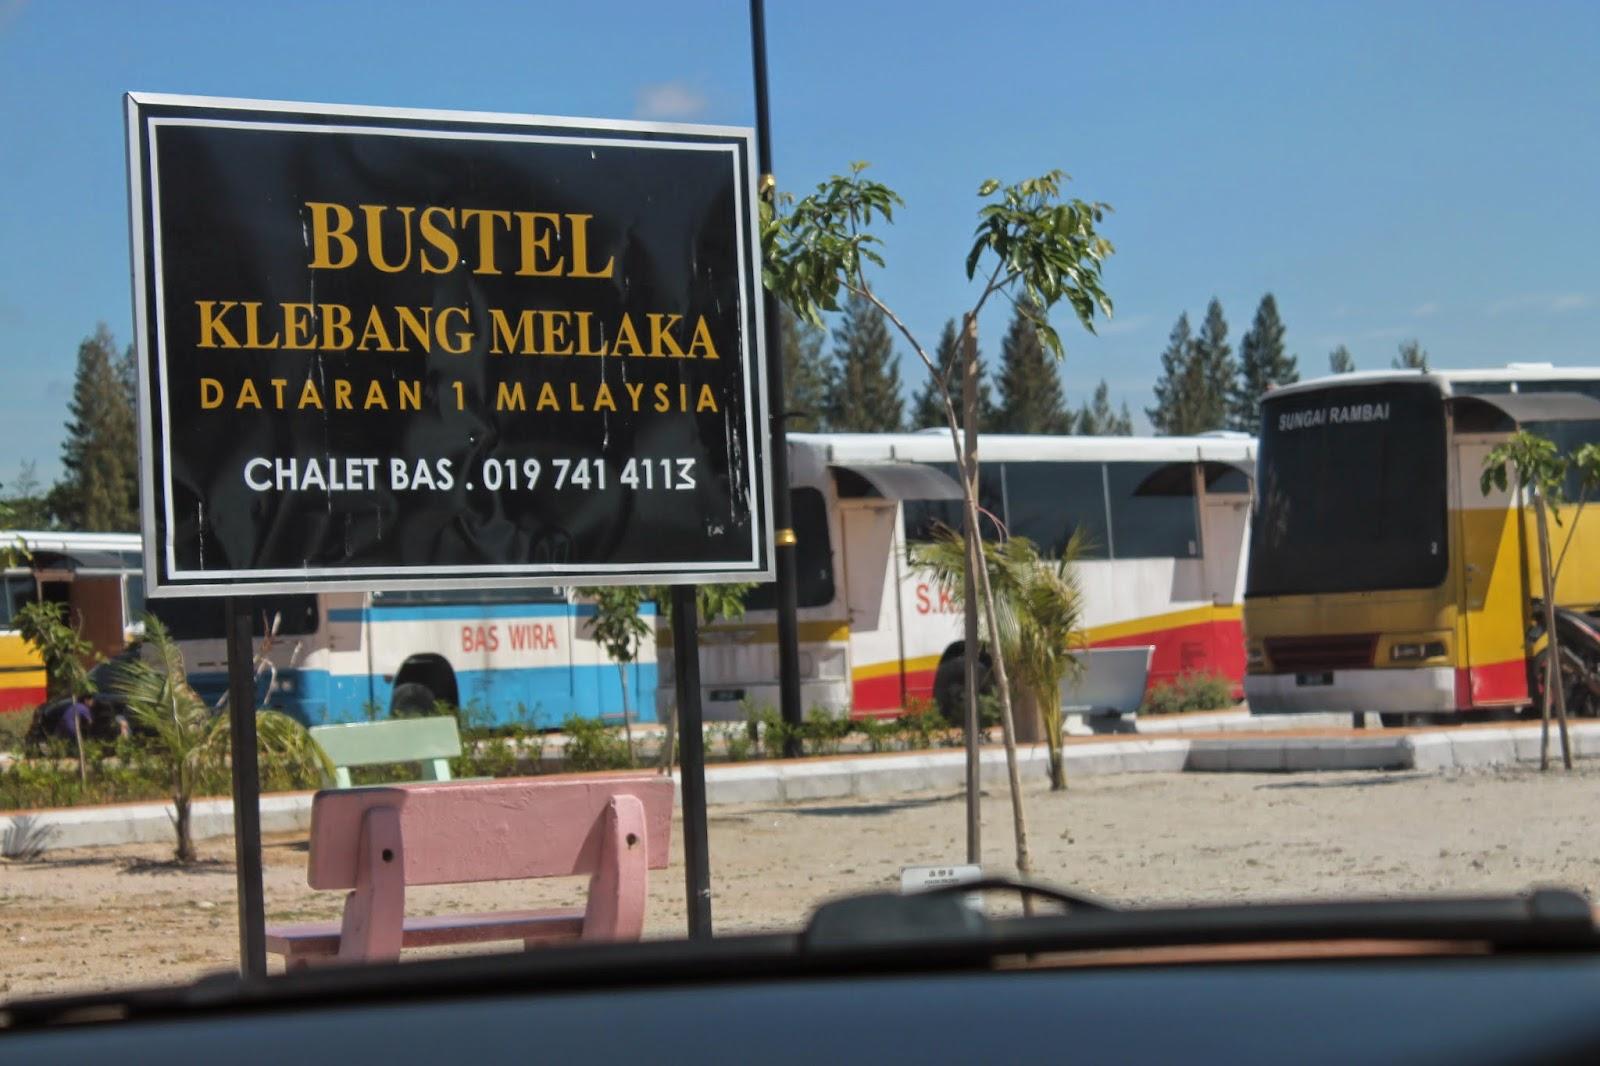 Bagi Yang Ingin Save Budget Bolehlah Menyewa Bustel Di Pantai Klebang Melaka Satu Keunikan Pada Bus Ini Ialah Ia Merupakan Hotel Berbentuk Bas